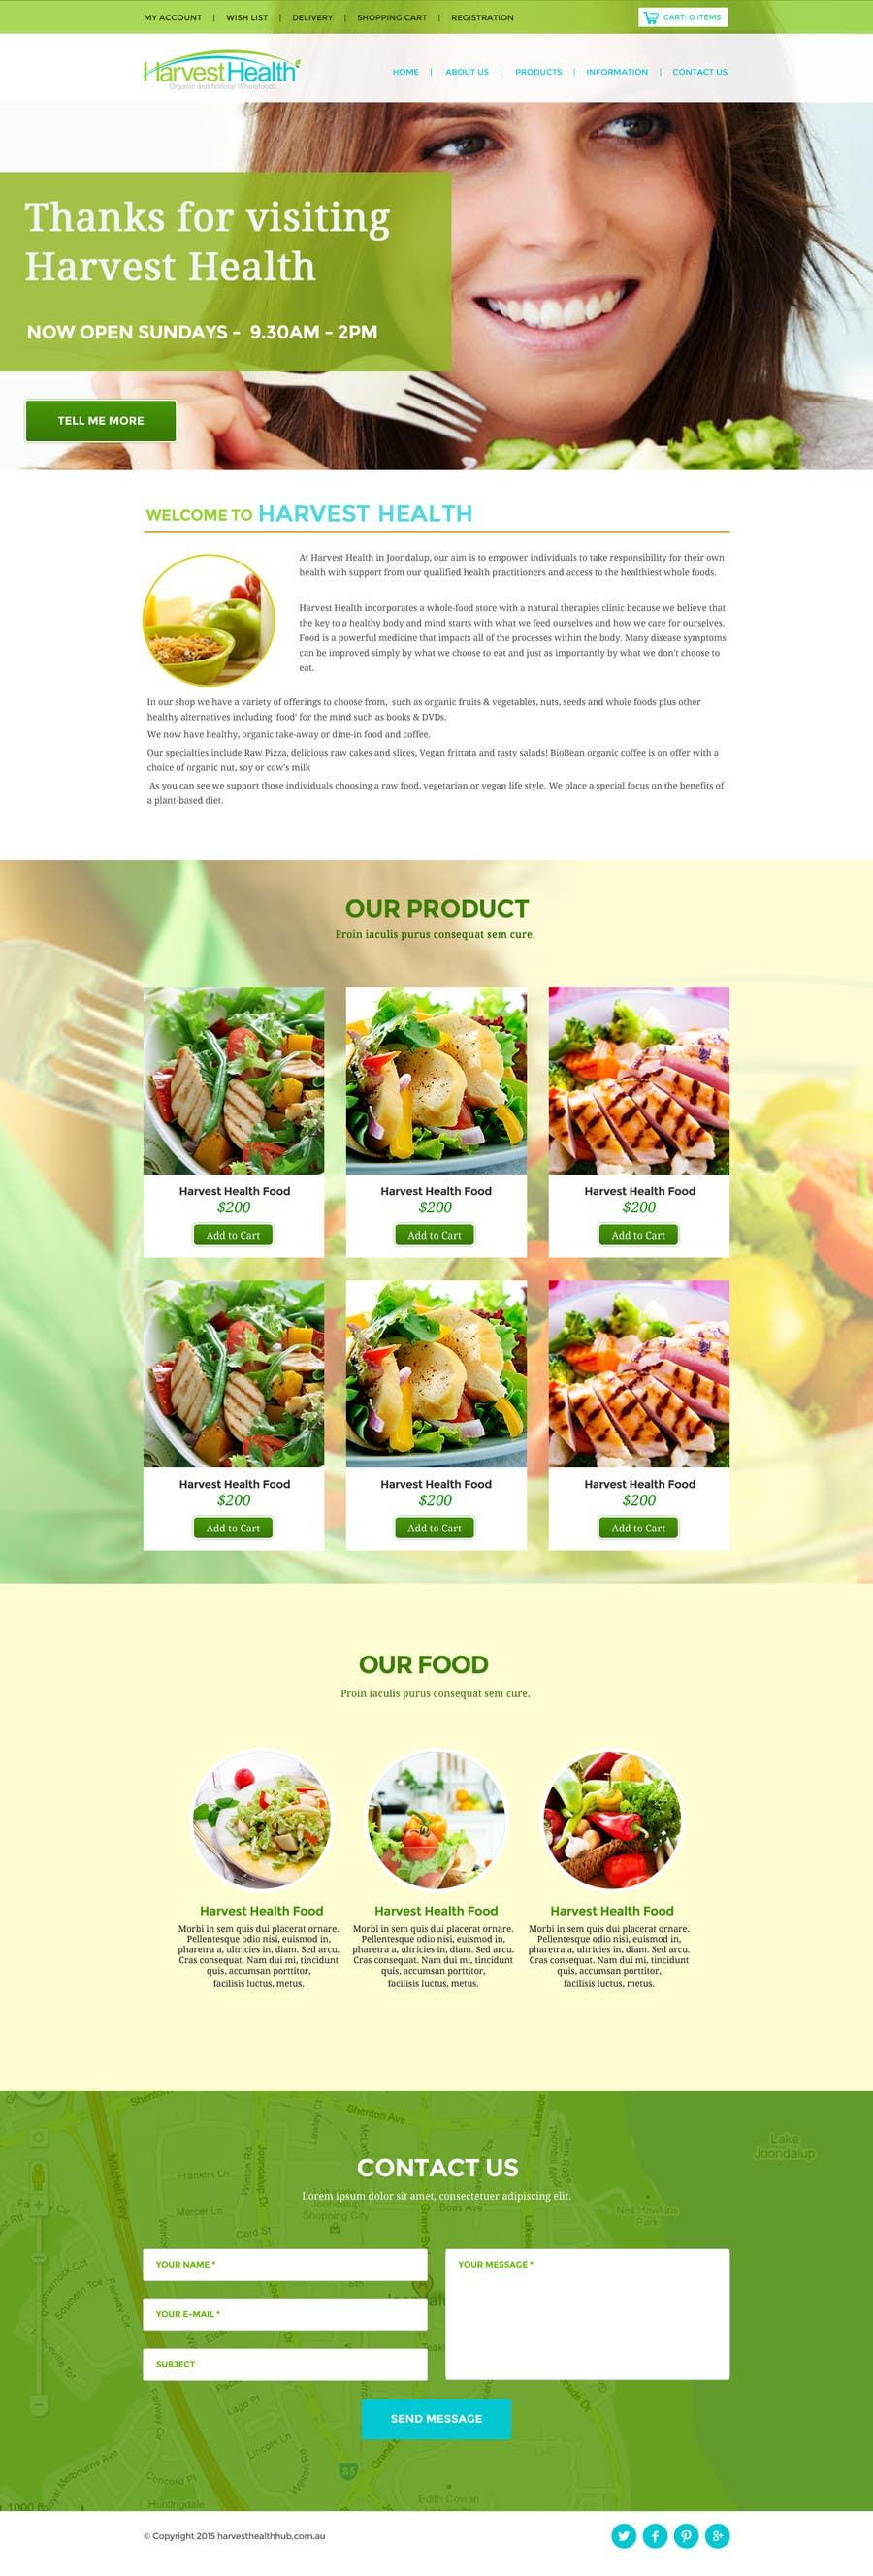 Konkurrenceindlæg #                                        2                                      for                                         Design a Website Mockup for A Health Food Shop